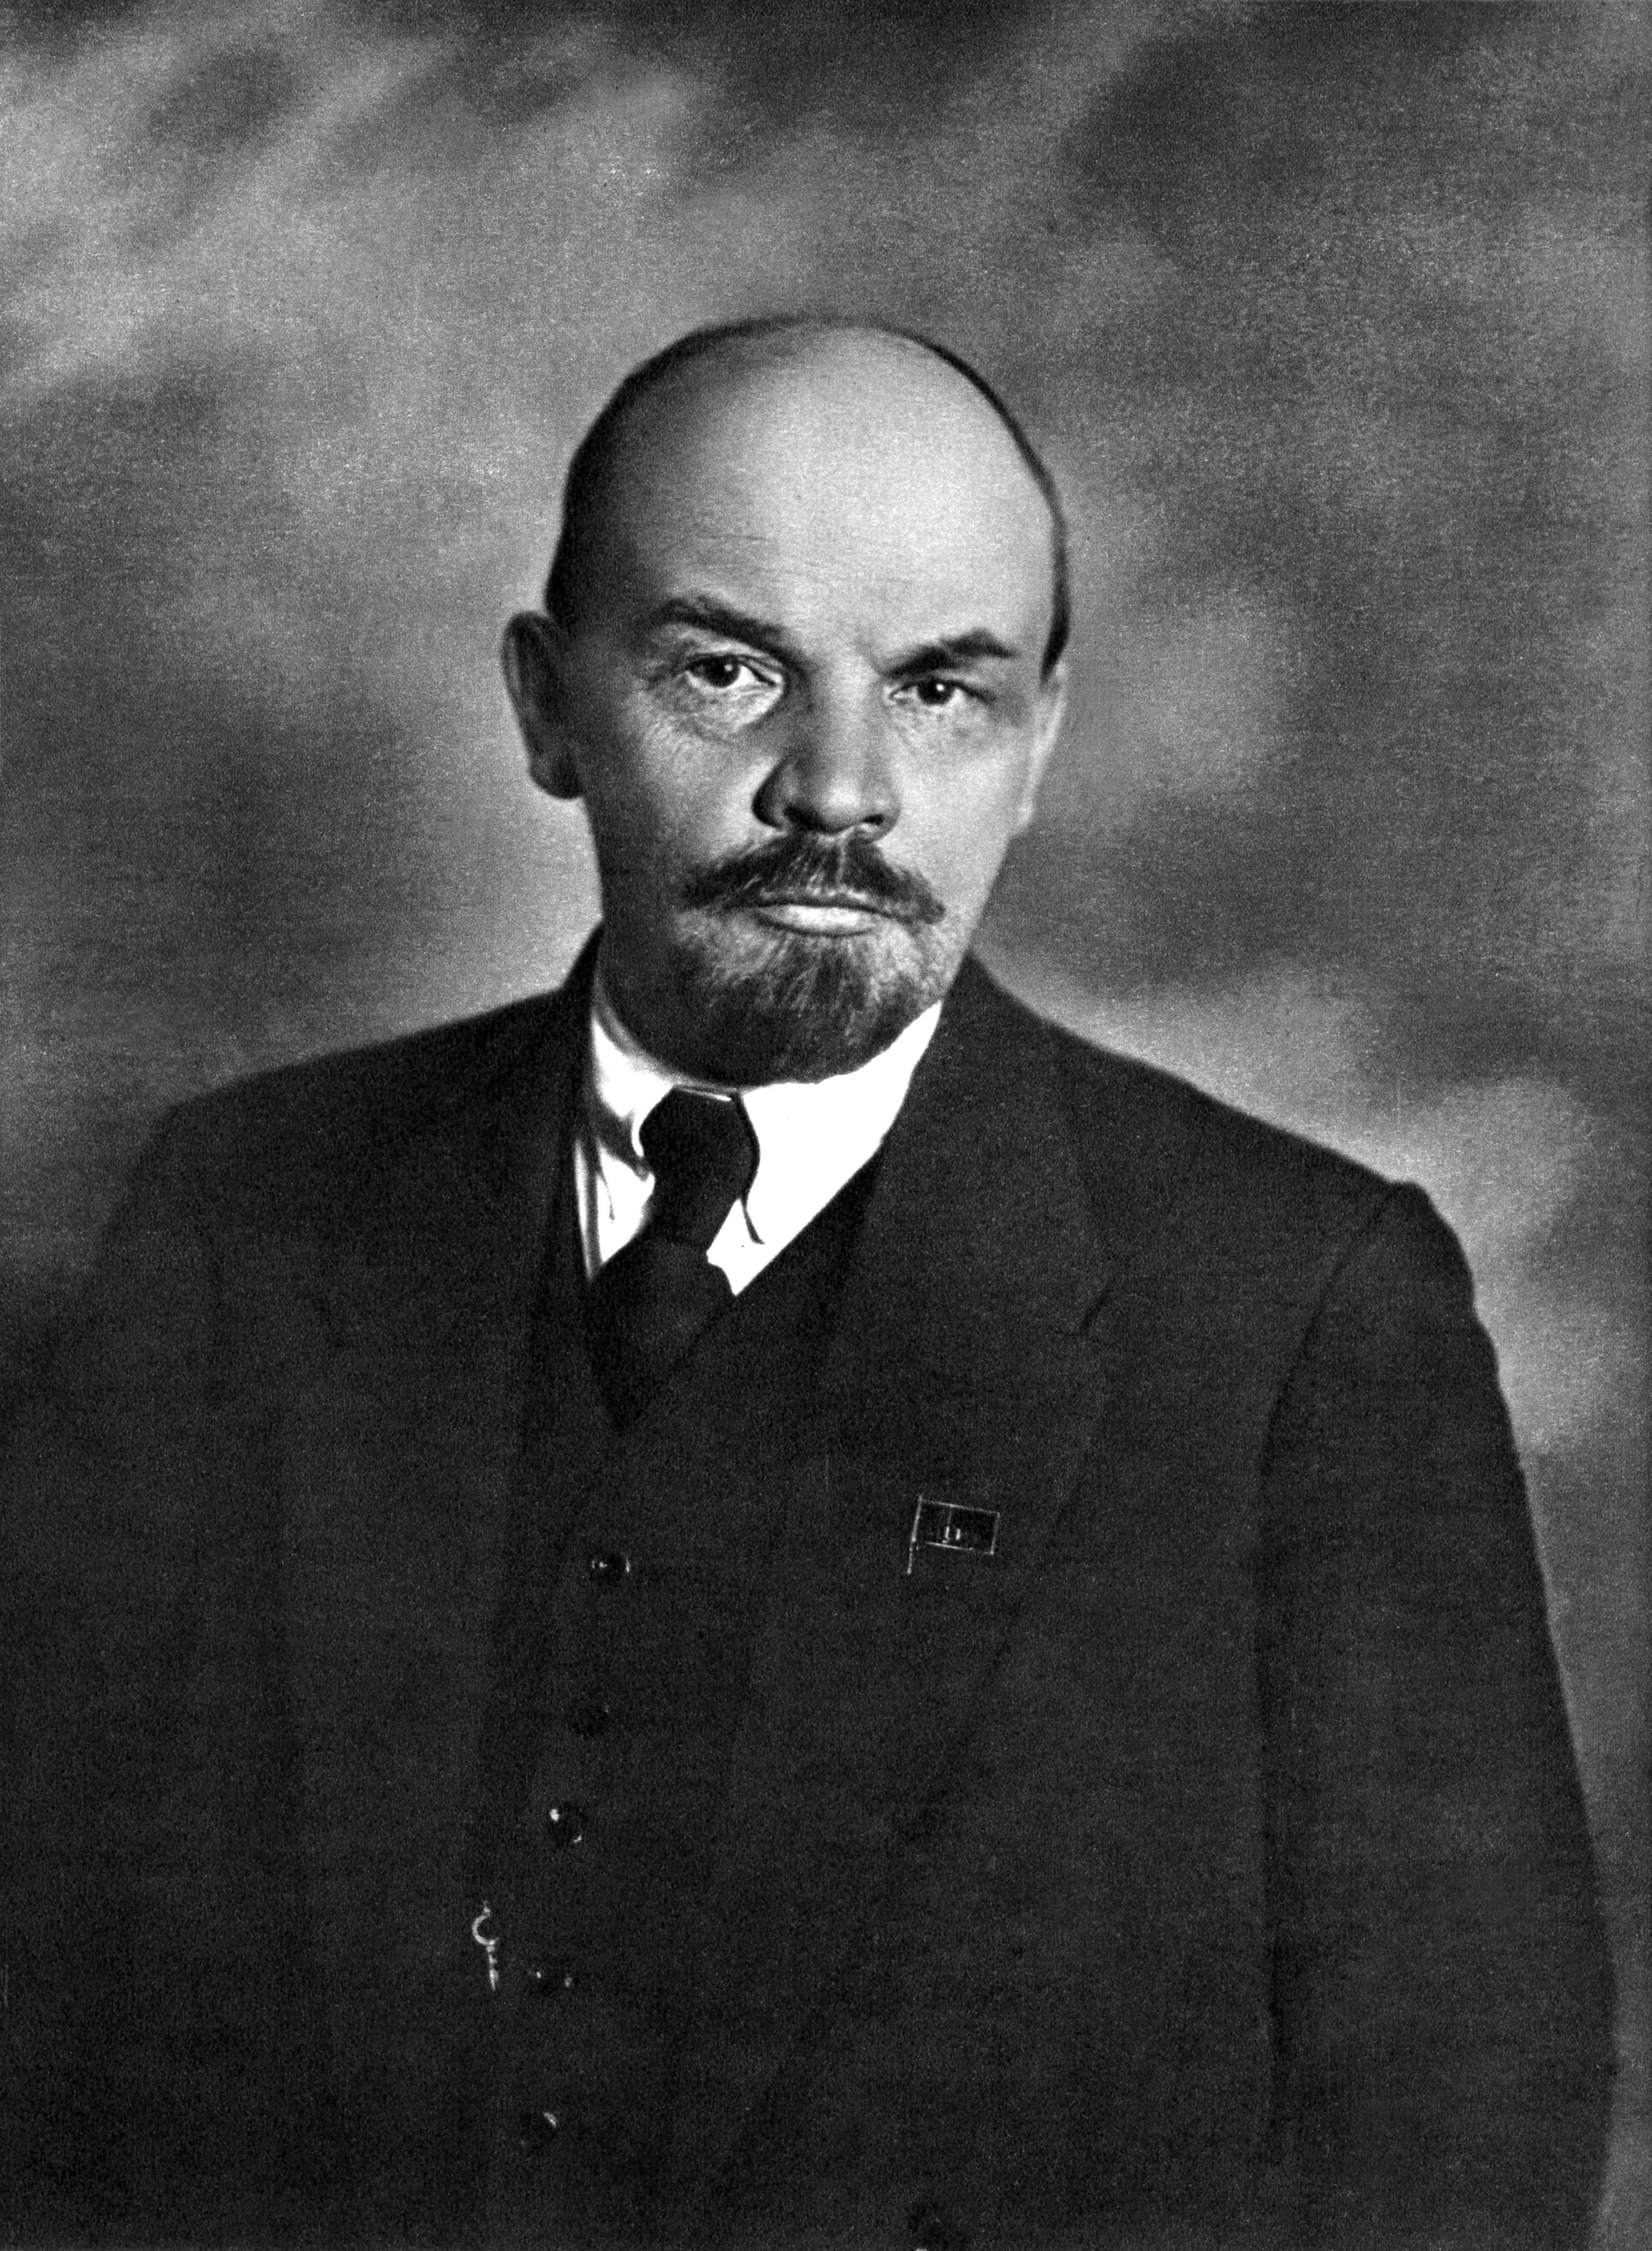 http://fotolenin.narod.ru/og/71.jpg